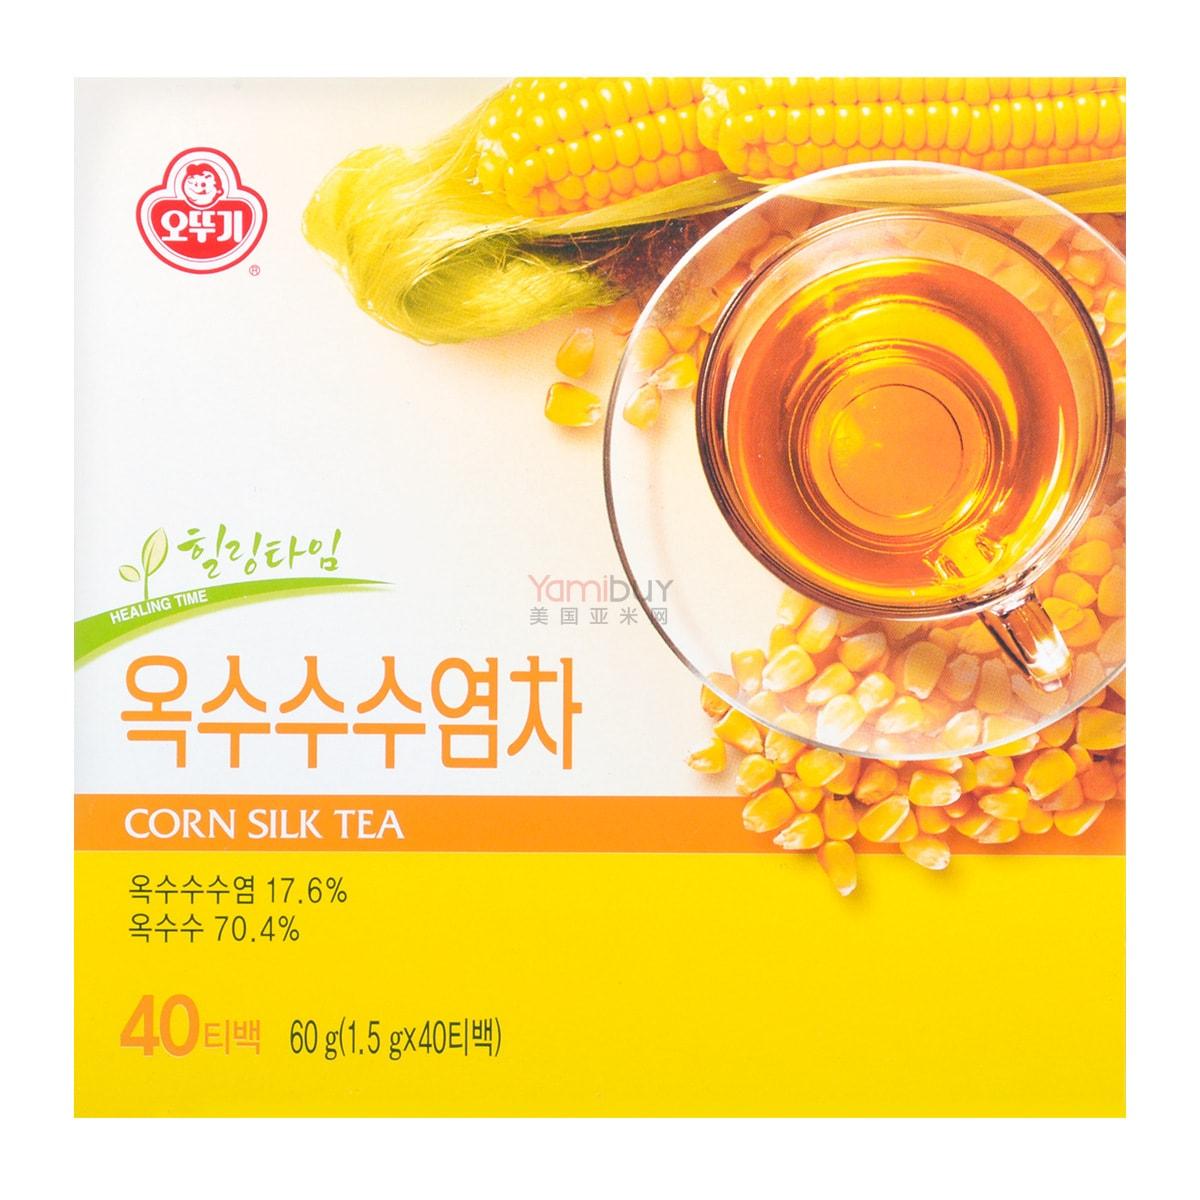 韩国OTTOGI不倒翁 玉米须茶 1.5g*40包入